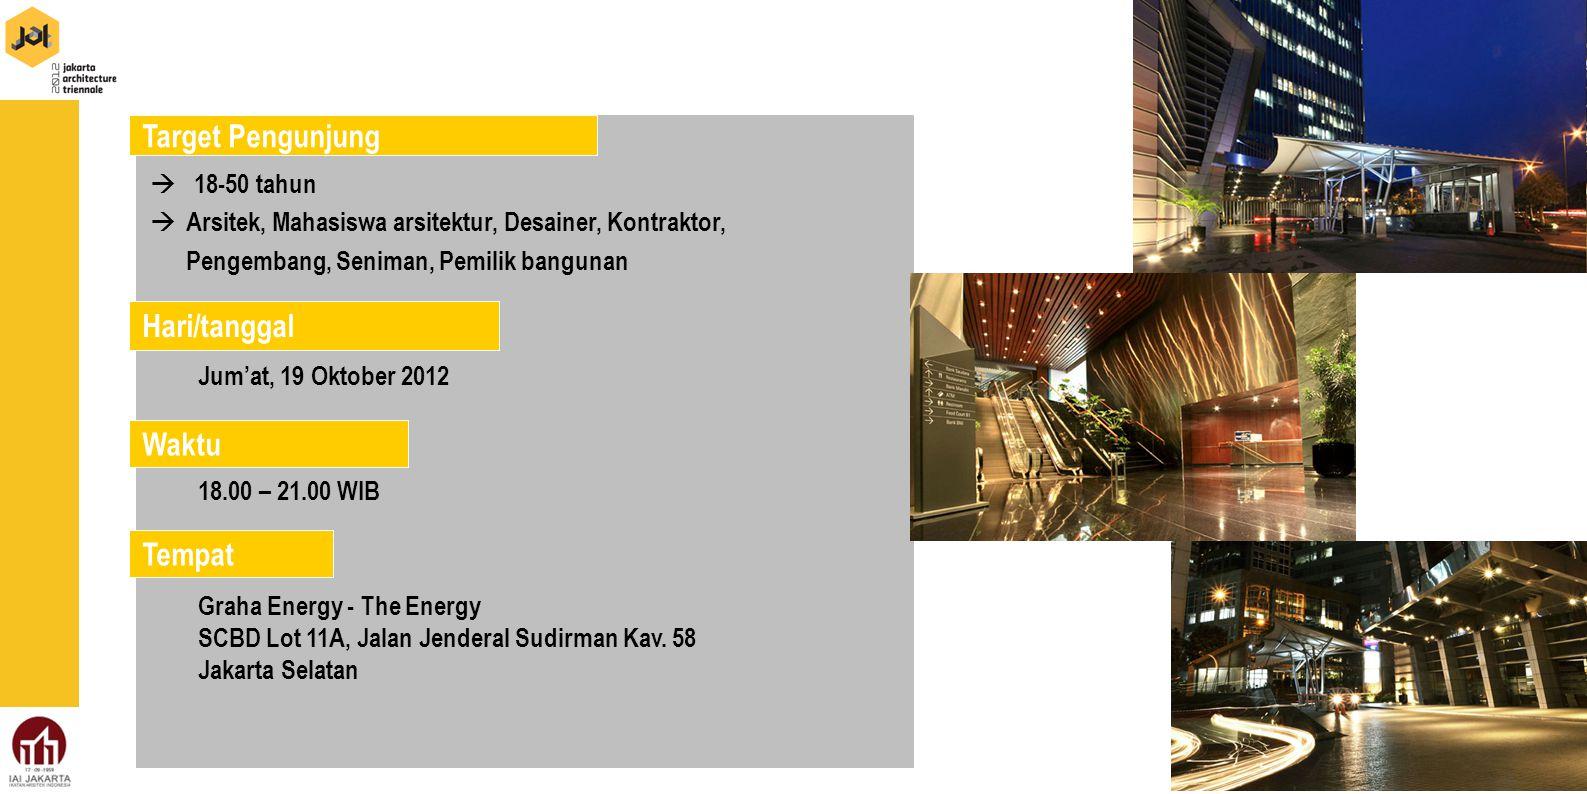 Our Audience  18-50 tahun  Arsitek, Mahasiswa arsitektur, Desainer, Kontraktor, Pengembang, Seniman, Pemilik bangunan Jum'at, 19 Oktober 2012 18.00